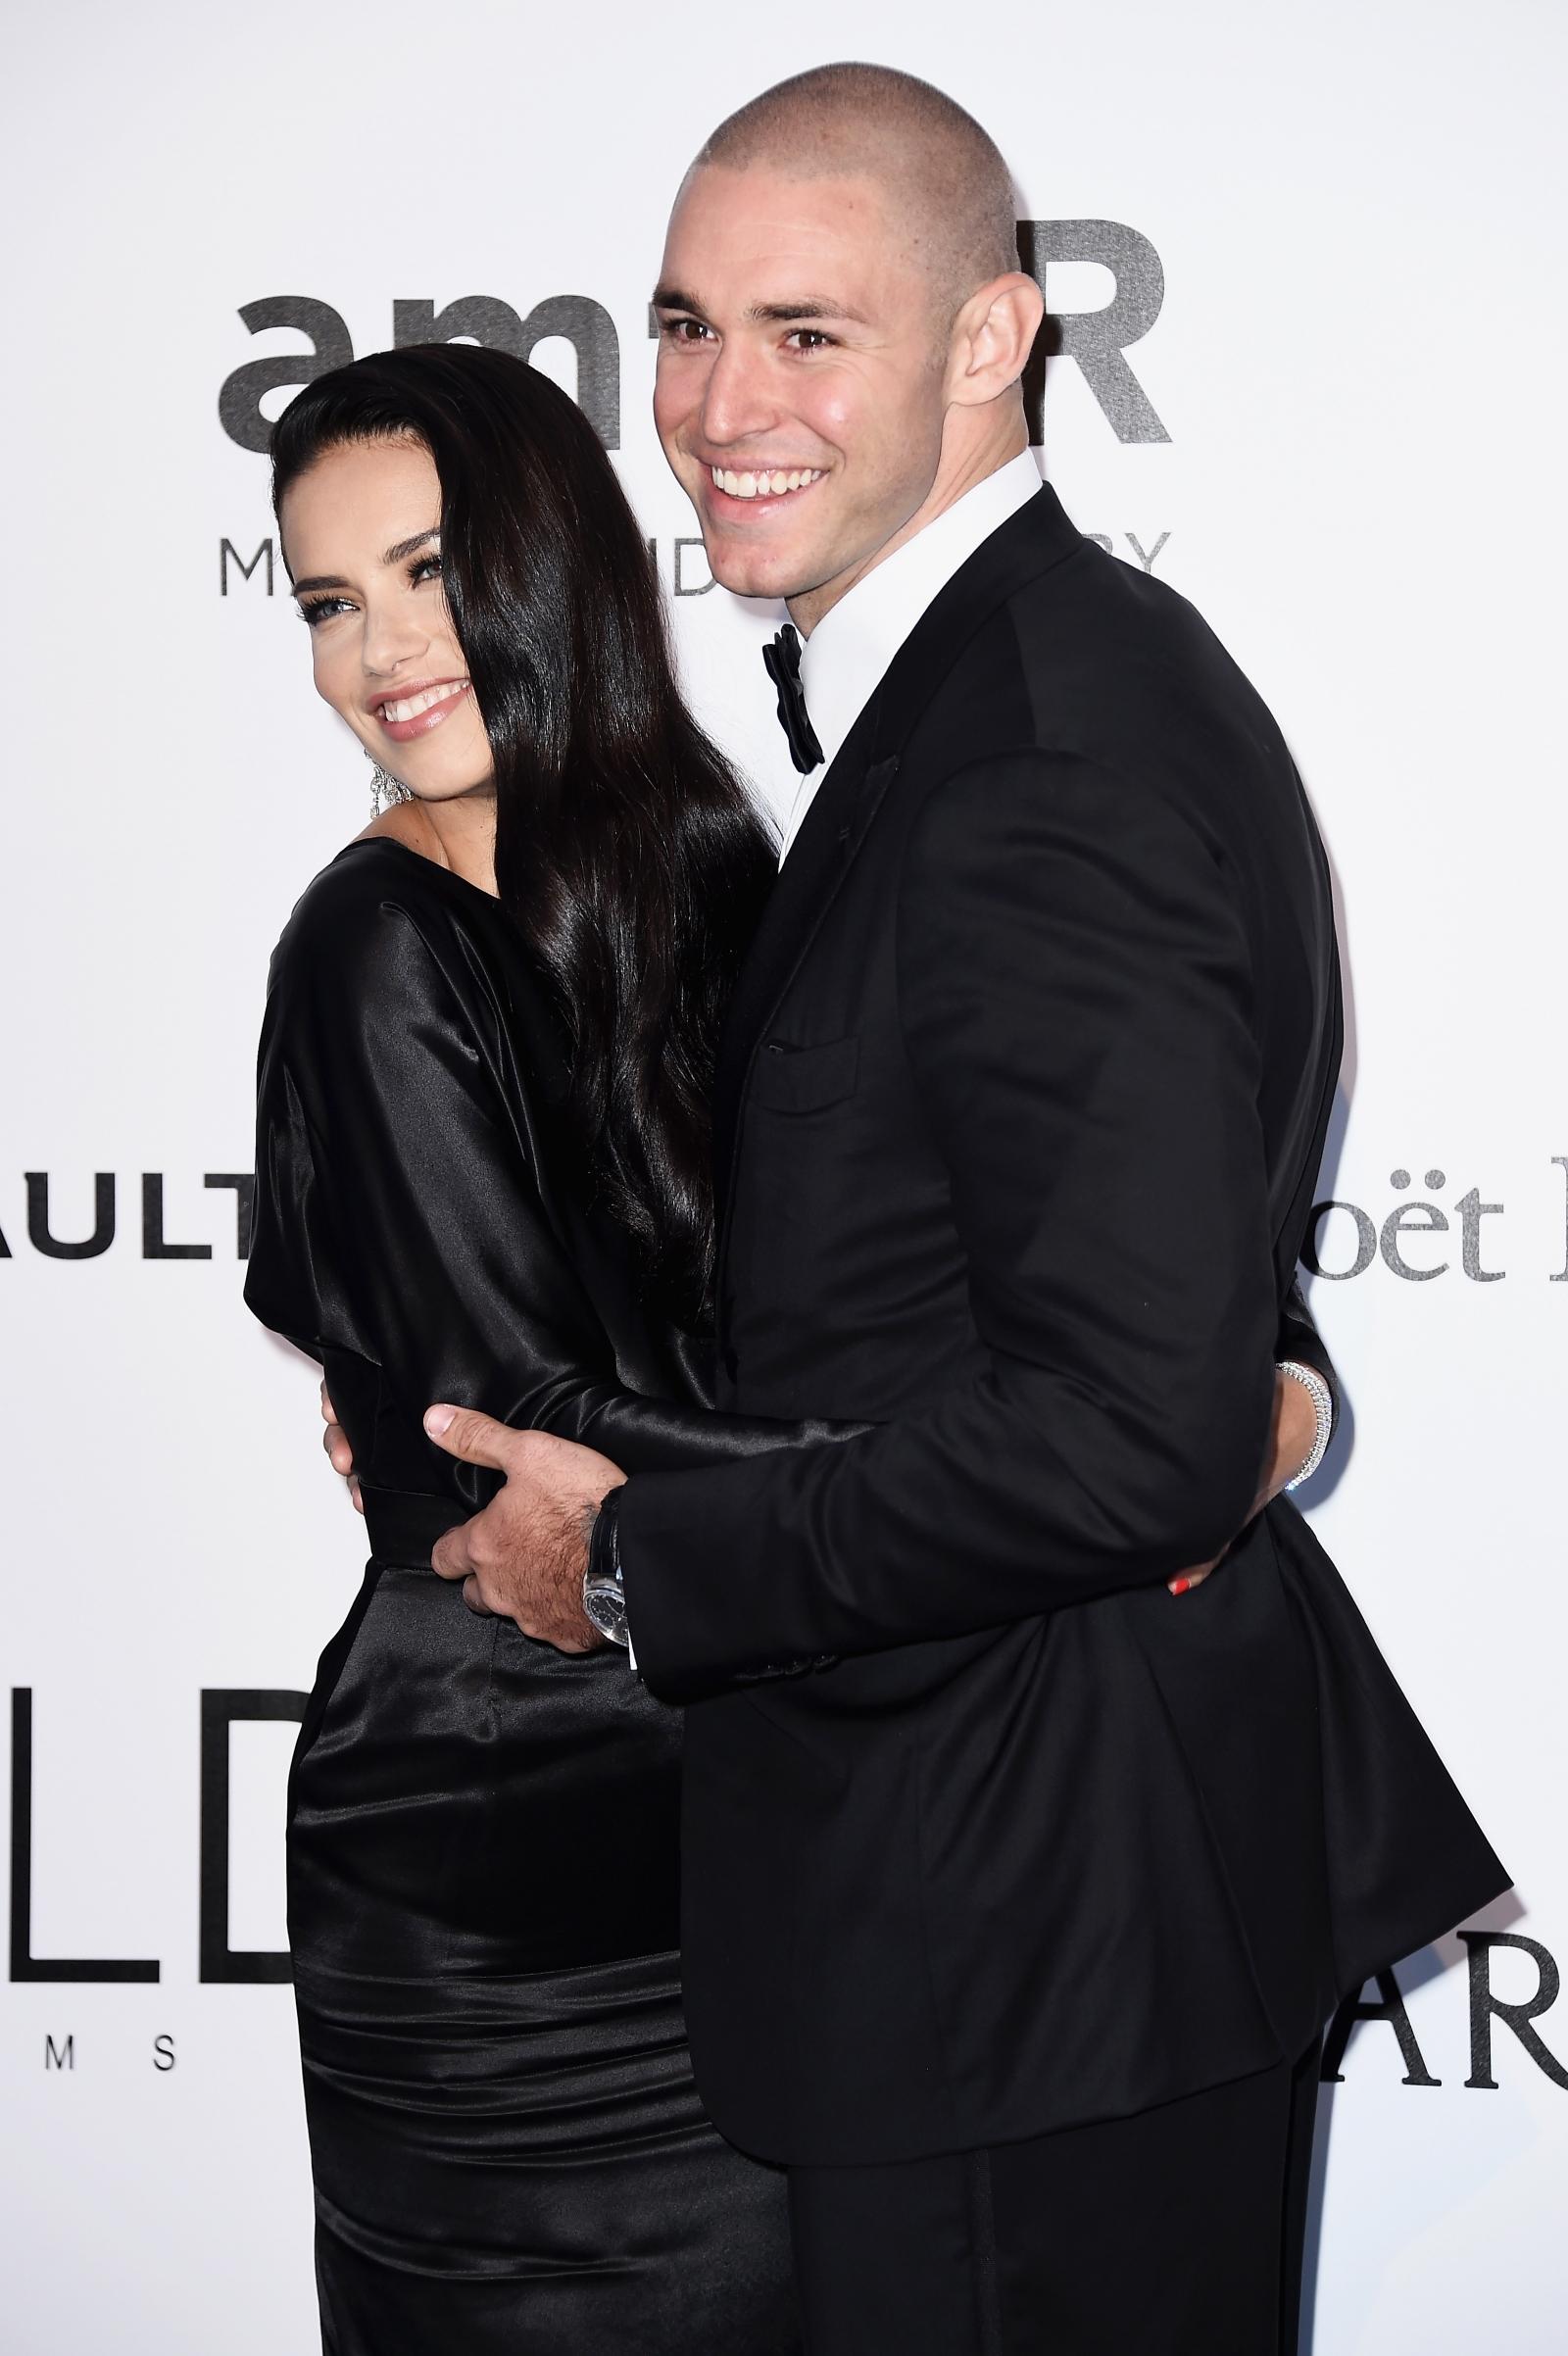 Adriana Lima and Joe Thomas